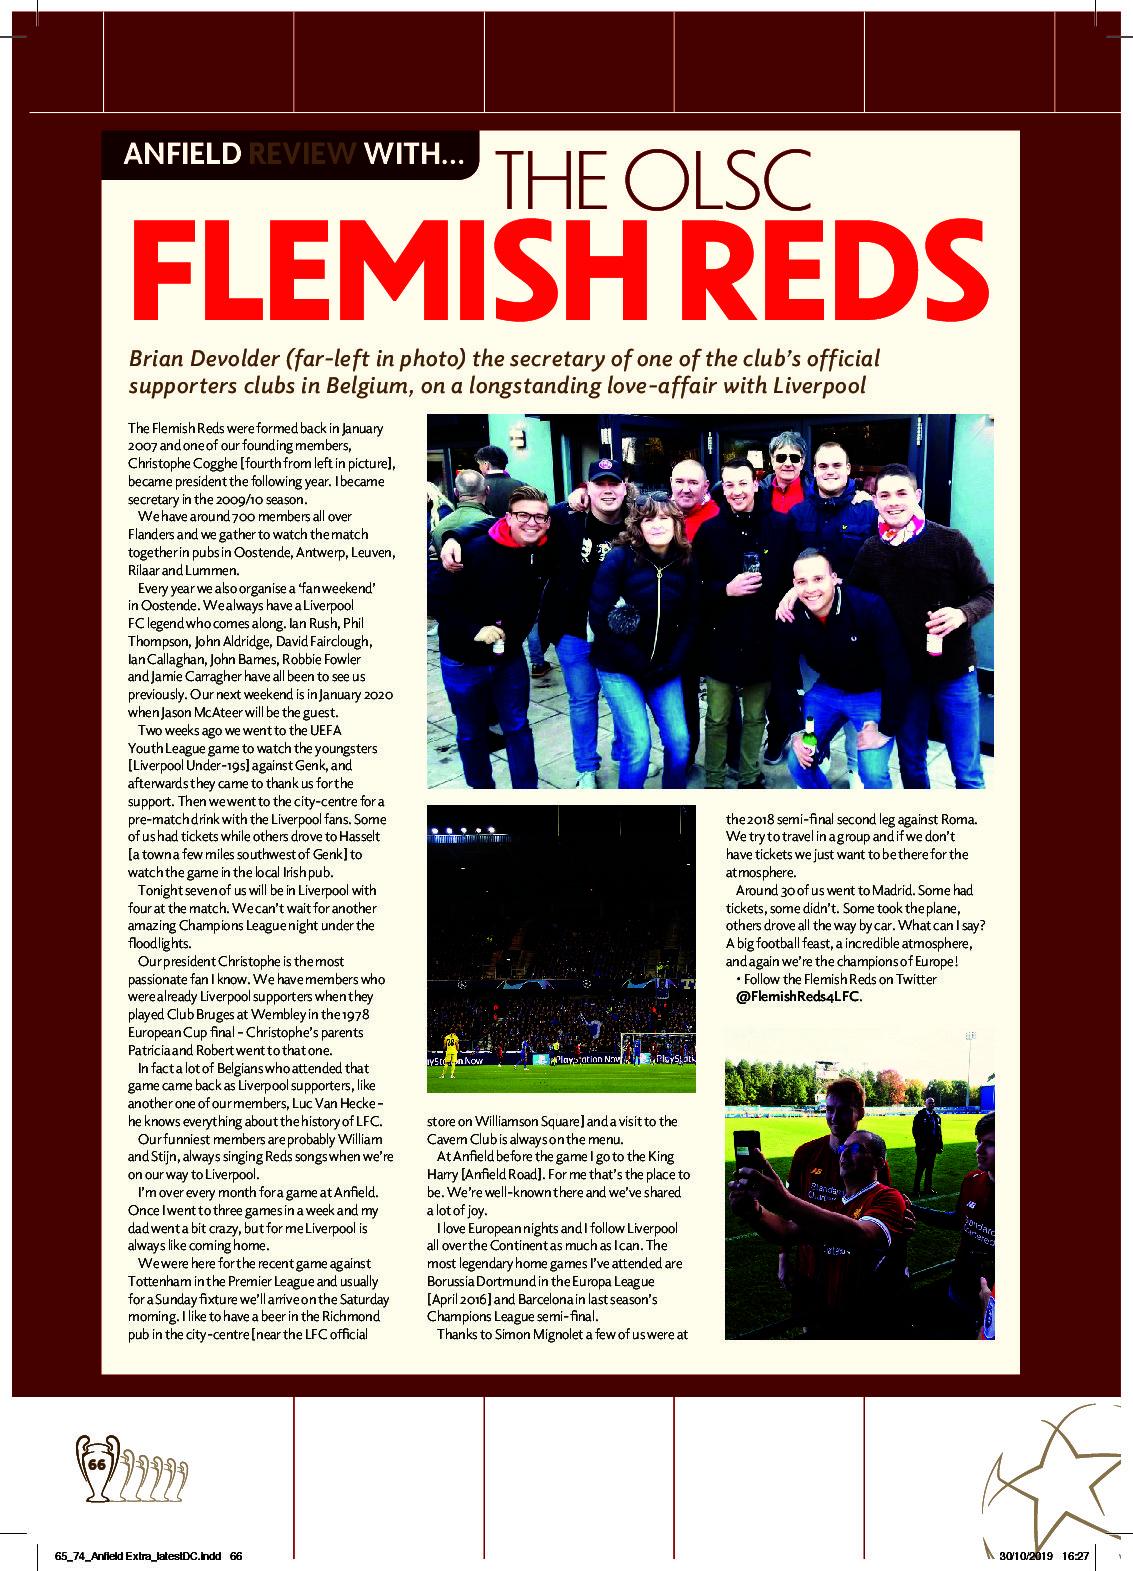 Flemish Reds in programmaboekje op Anfield